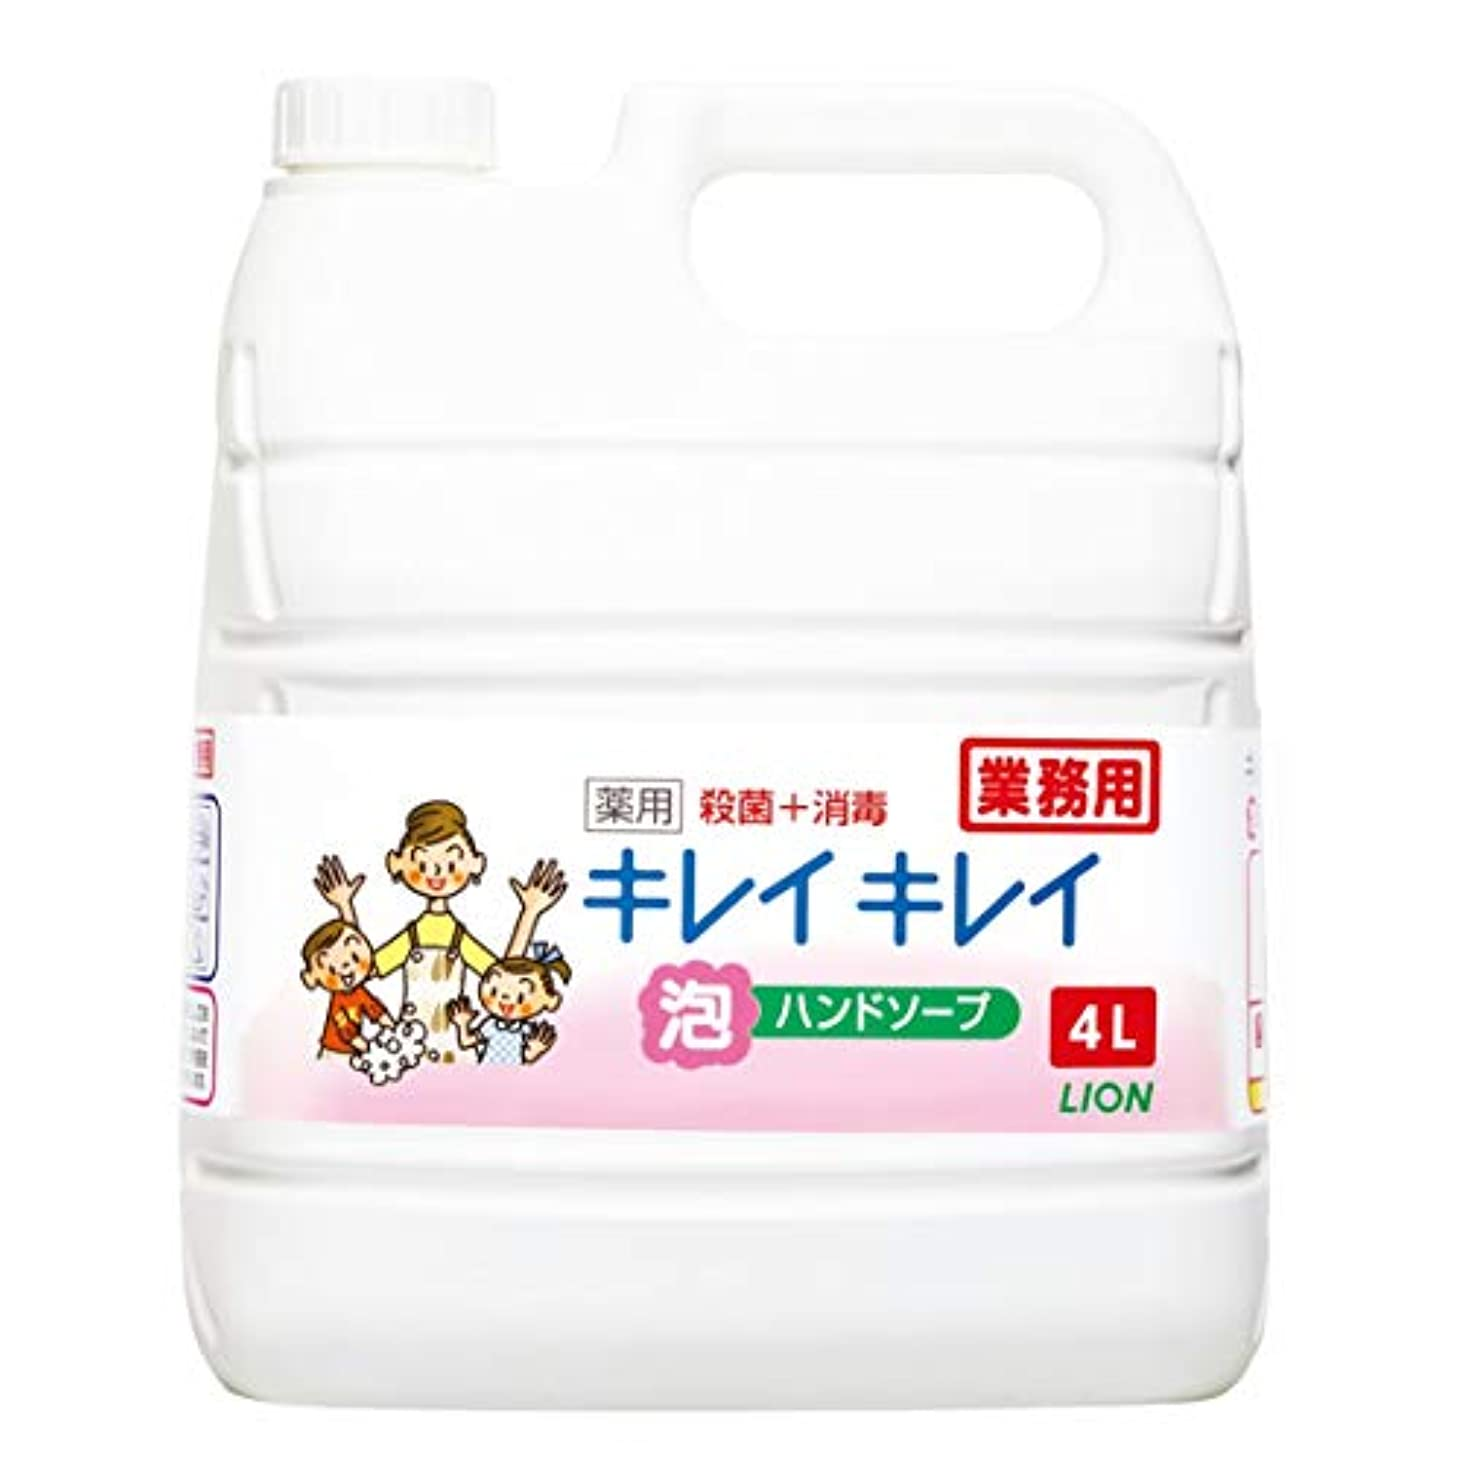 枠溶融品【業務用 大容量】キレイキレイ 薬用 泡ハンドソープ シトラスフルーティの香り 液体 単品 4L(医薬部外品)